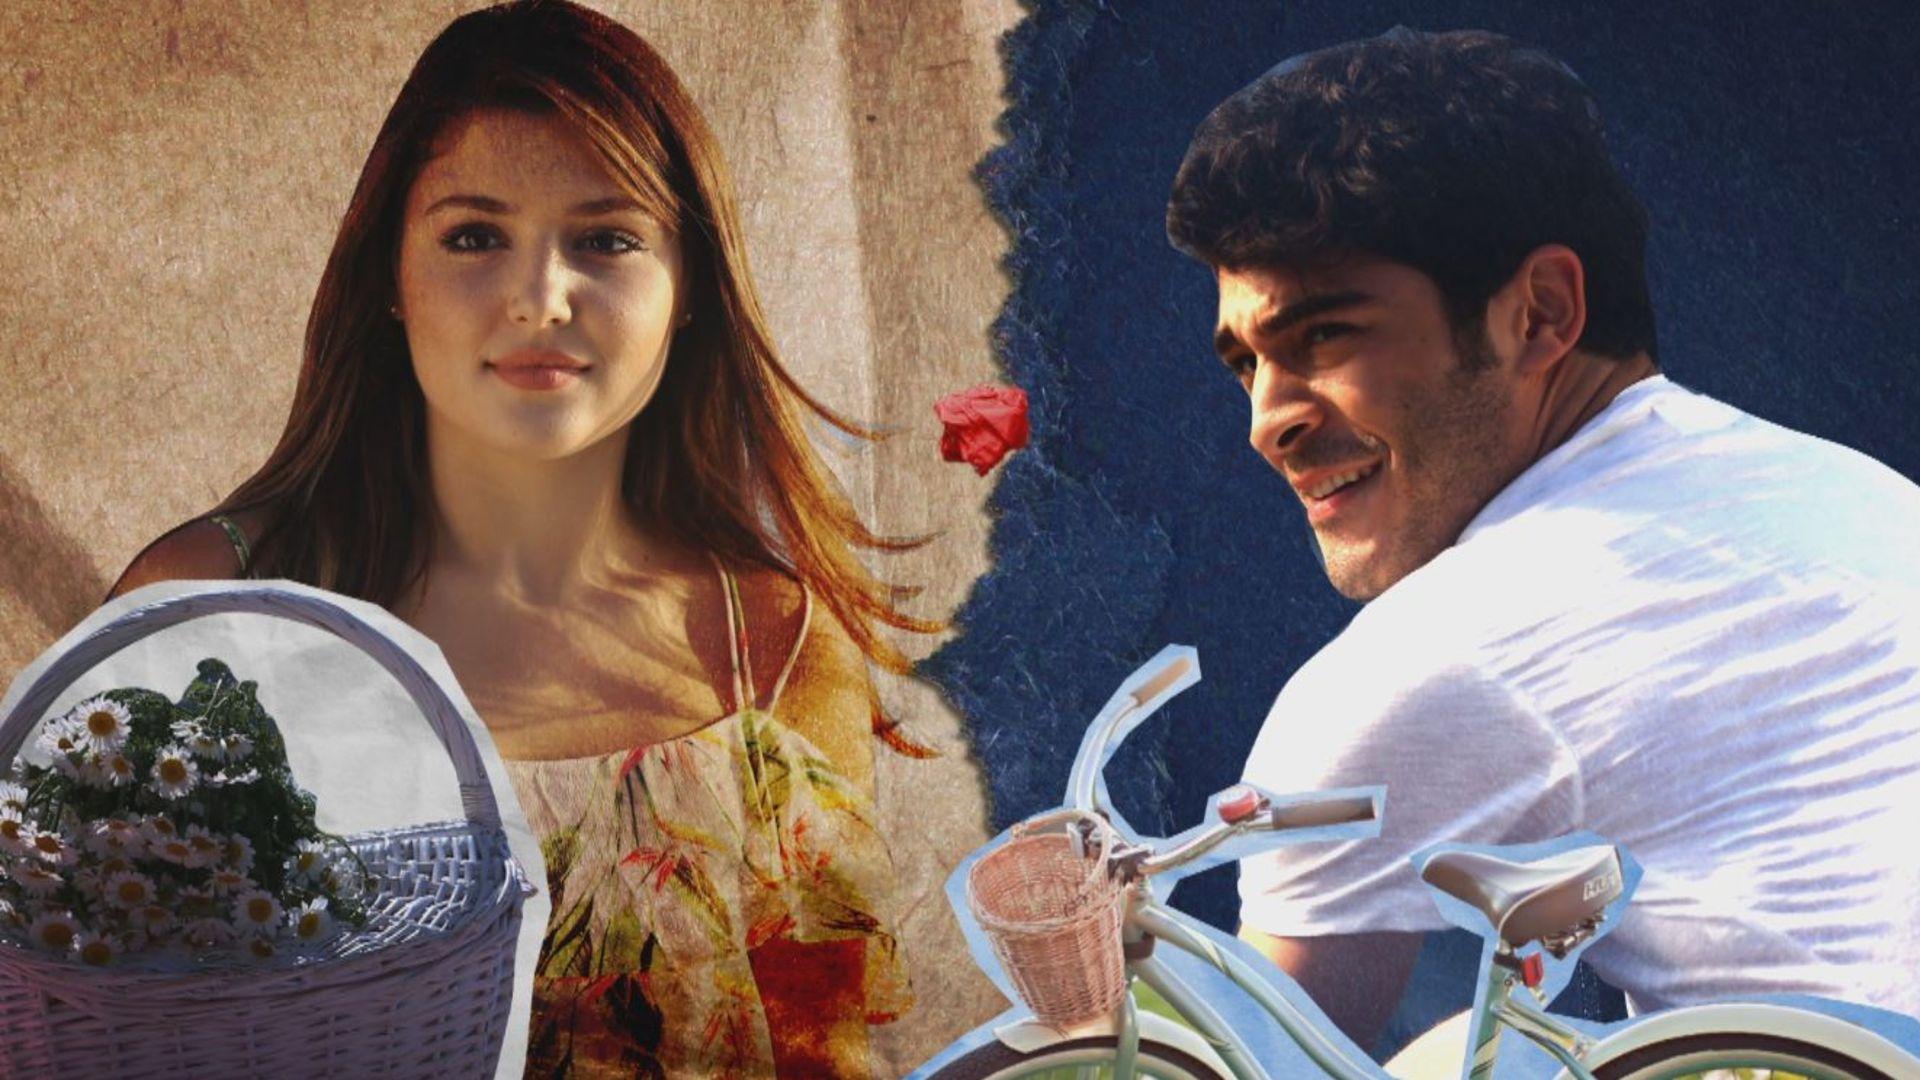 Aşk Laftan Anlamaz ilk bölümüyle sosyal medyaya damgasını vurdu!